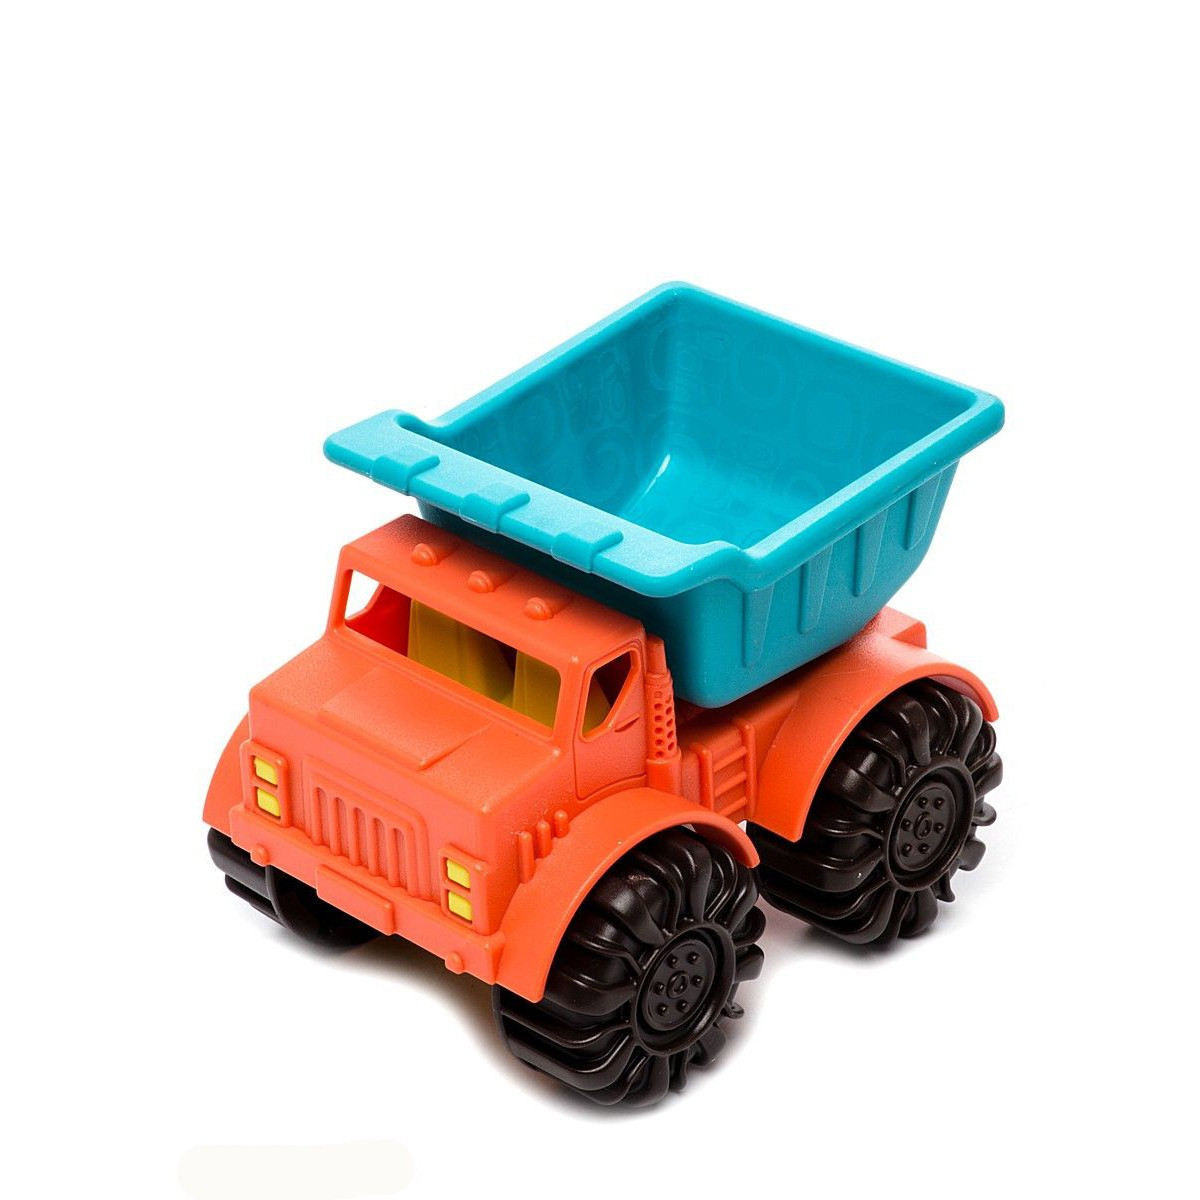 Игрушка для игры с песком - МИНИ-САМОСВАЛ (цвет папайя-морской)